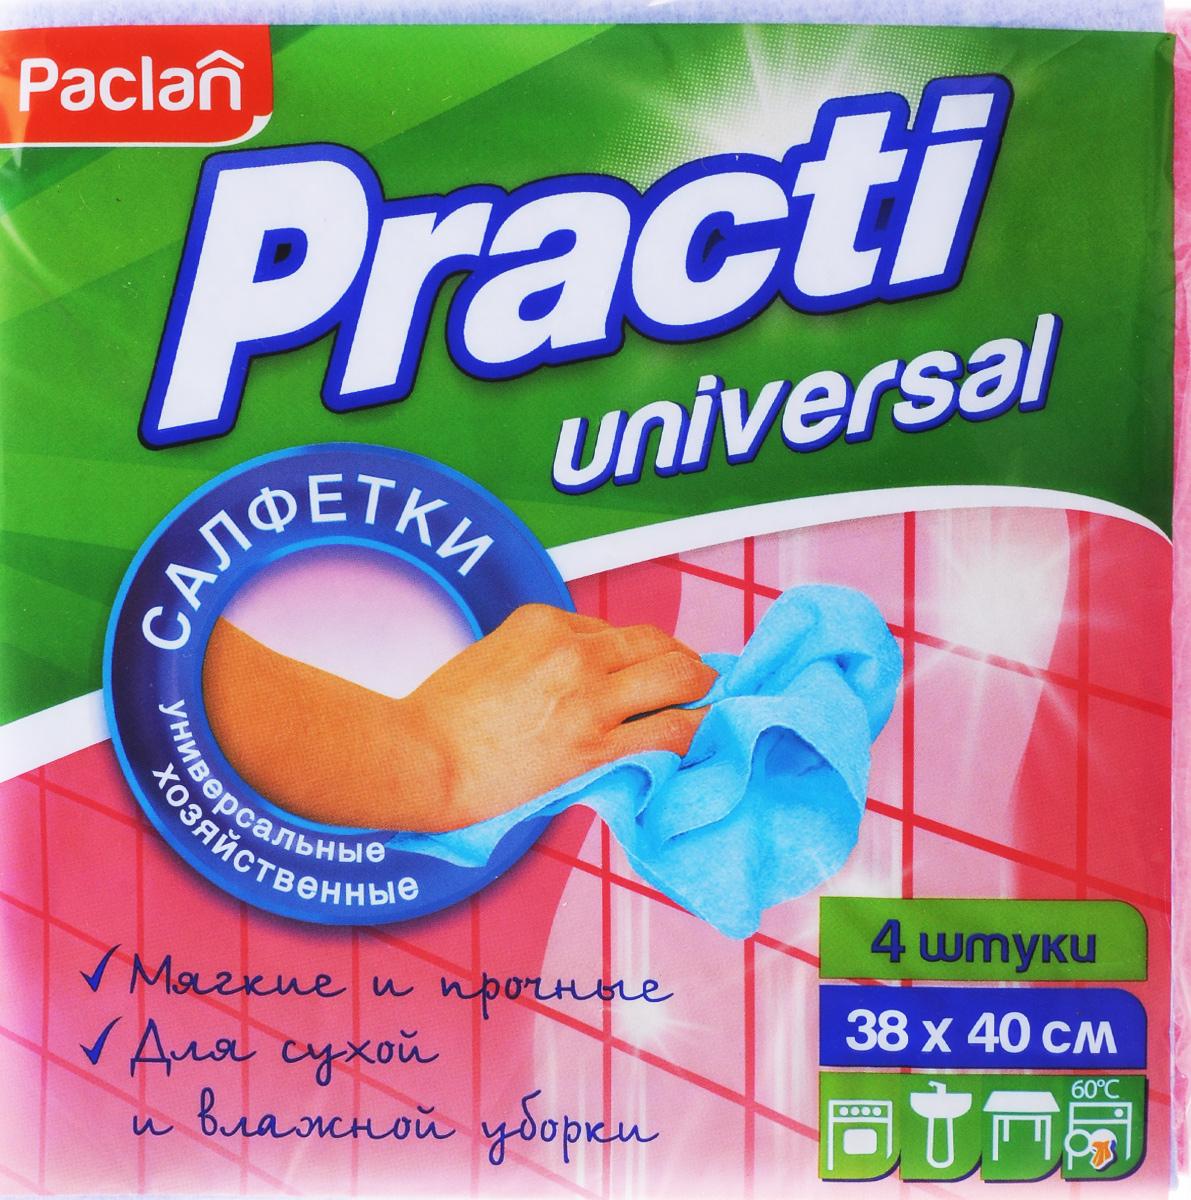 Набор универсальных салфеток для уборки Paclan Practi, 38 х 40 см, 4 шт цена